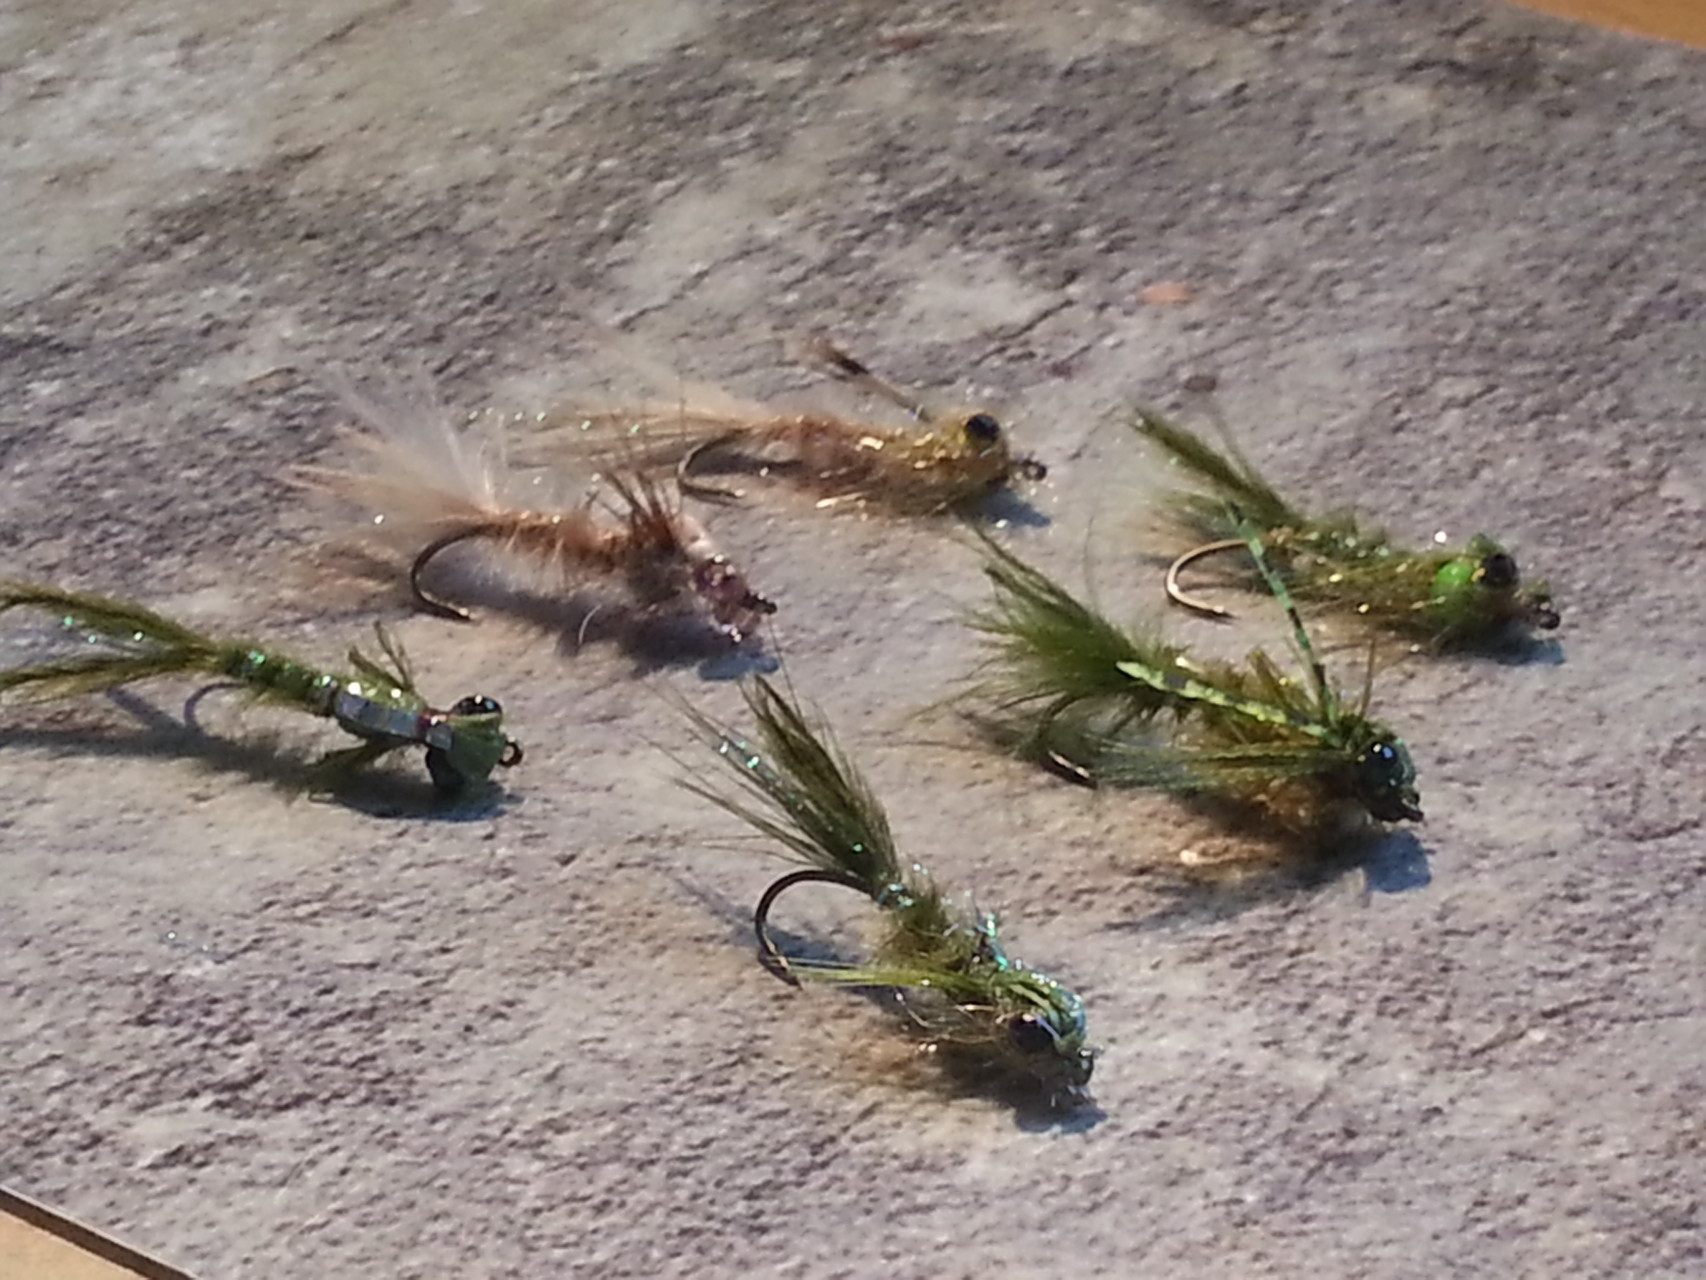 Damselflies Libellenlarven